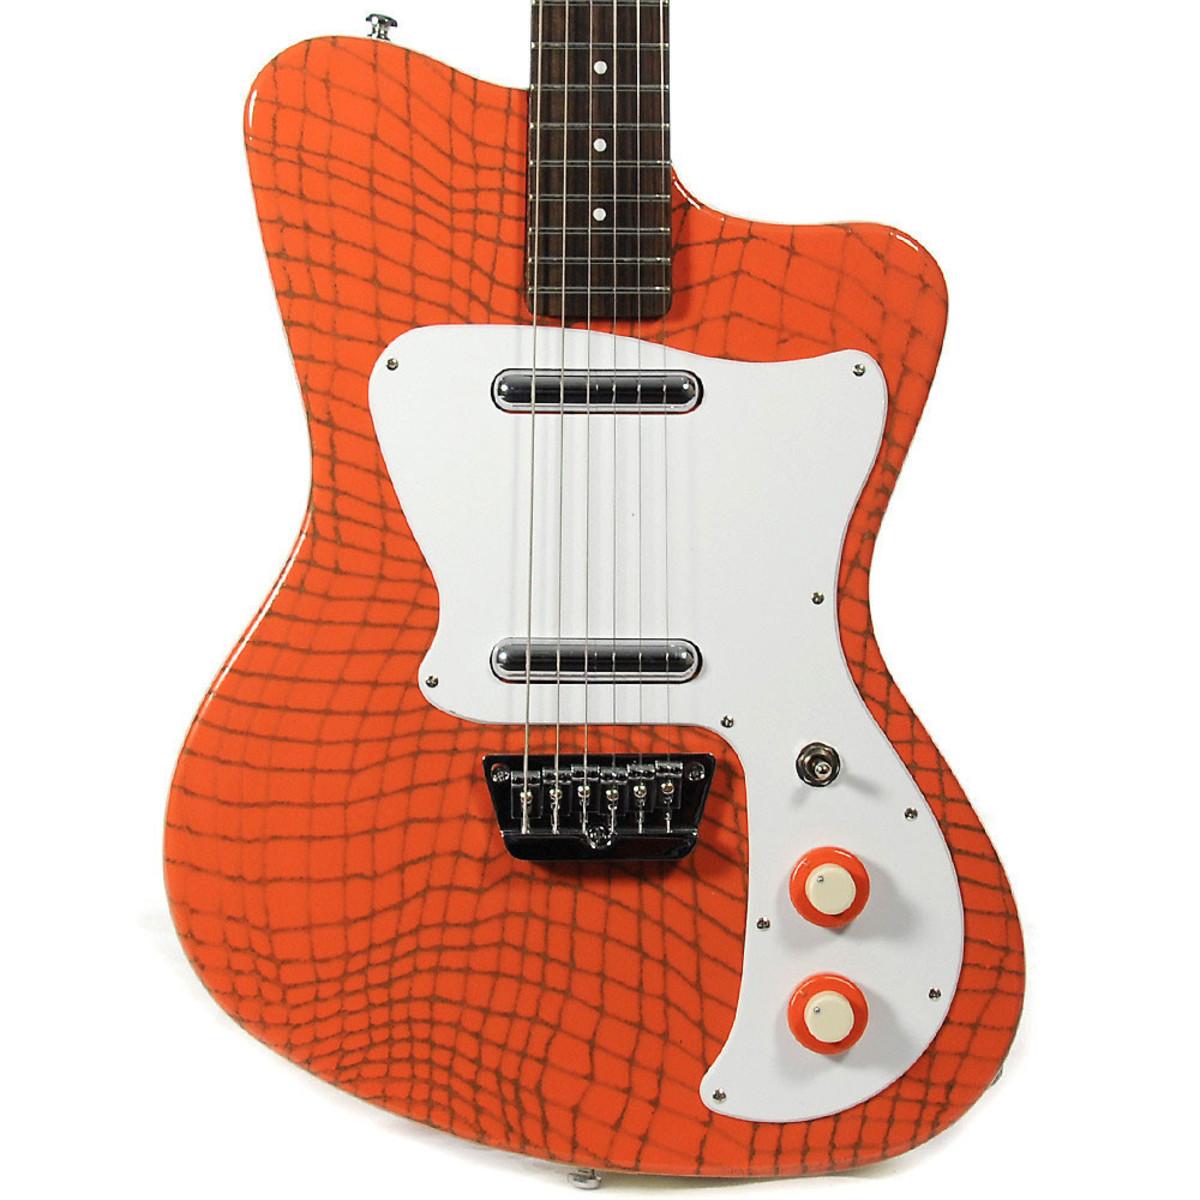 disc danelectro 67 heaven guitar alligator orange at gear4music. Black Bedroom Furniture Sets. Home Design Ideas